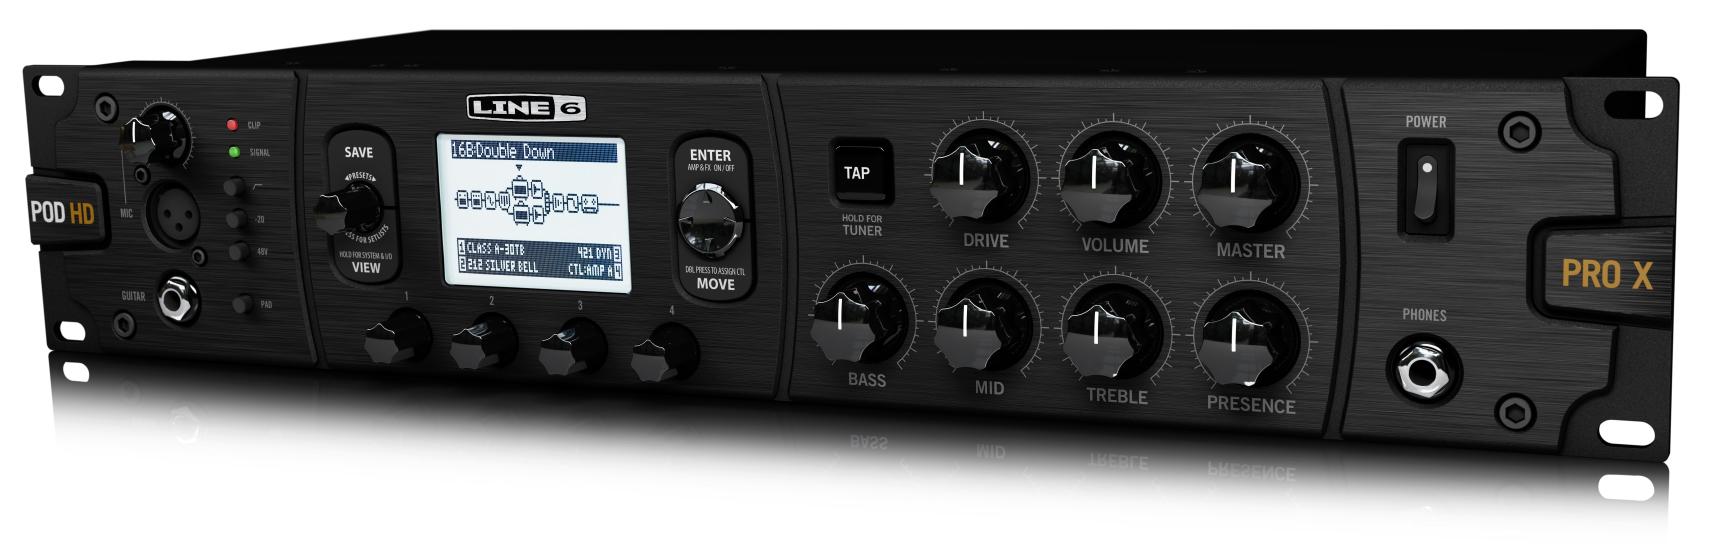 Line6 annonce le remplaçant de son POD HD Pro : le POD HD Pro X